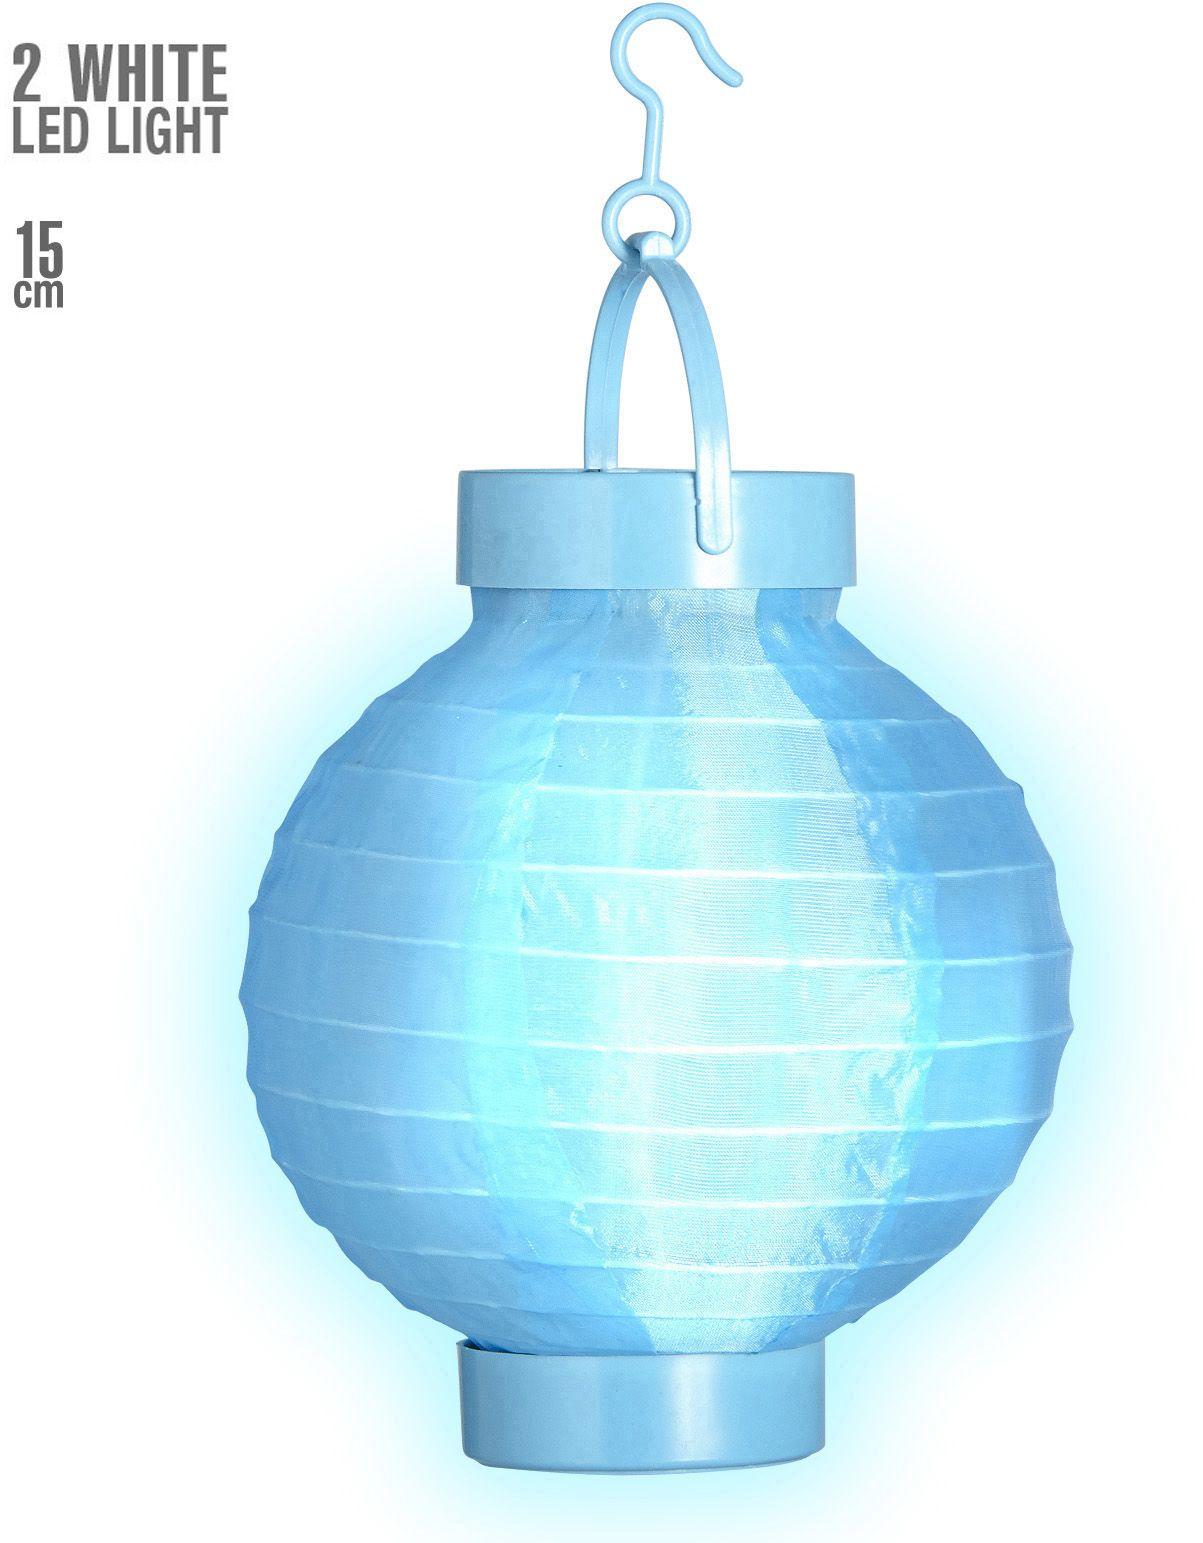 Blauwe stoffen lampion met 2 witte LED lichten